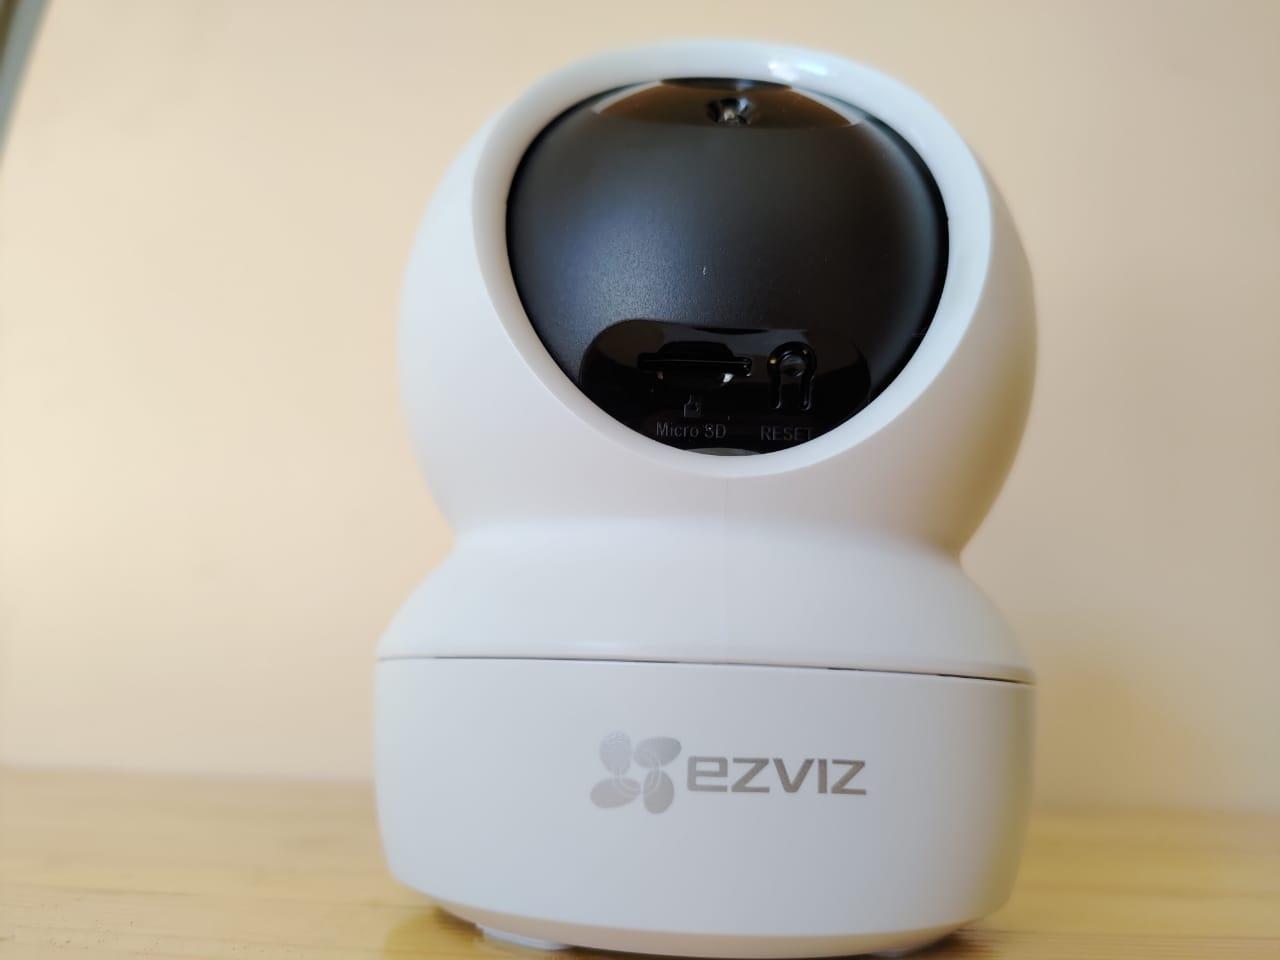 Ezviz C6N, Kamera CCTV Indoor Canggih, Murah, Mudah Dipasang